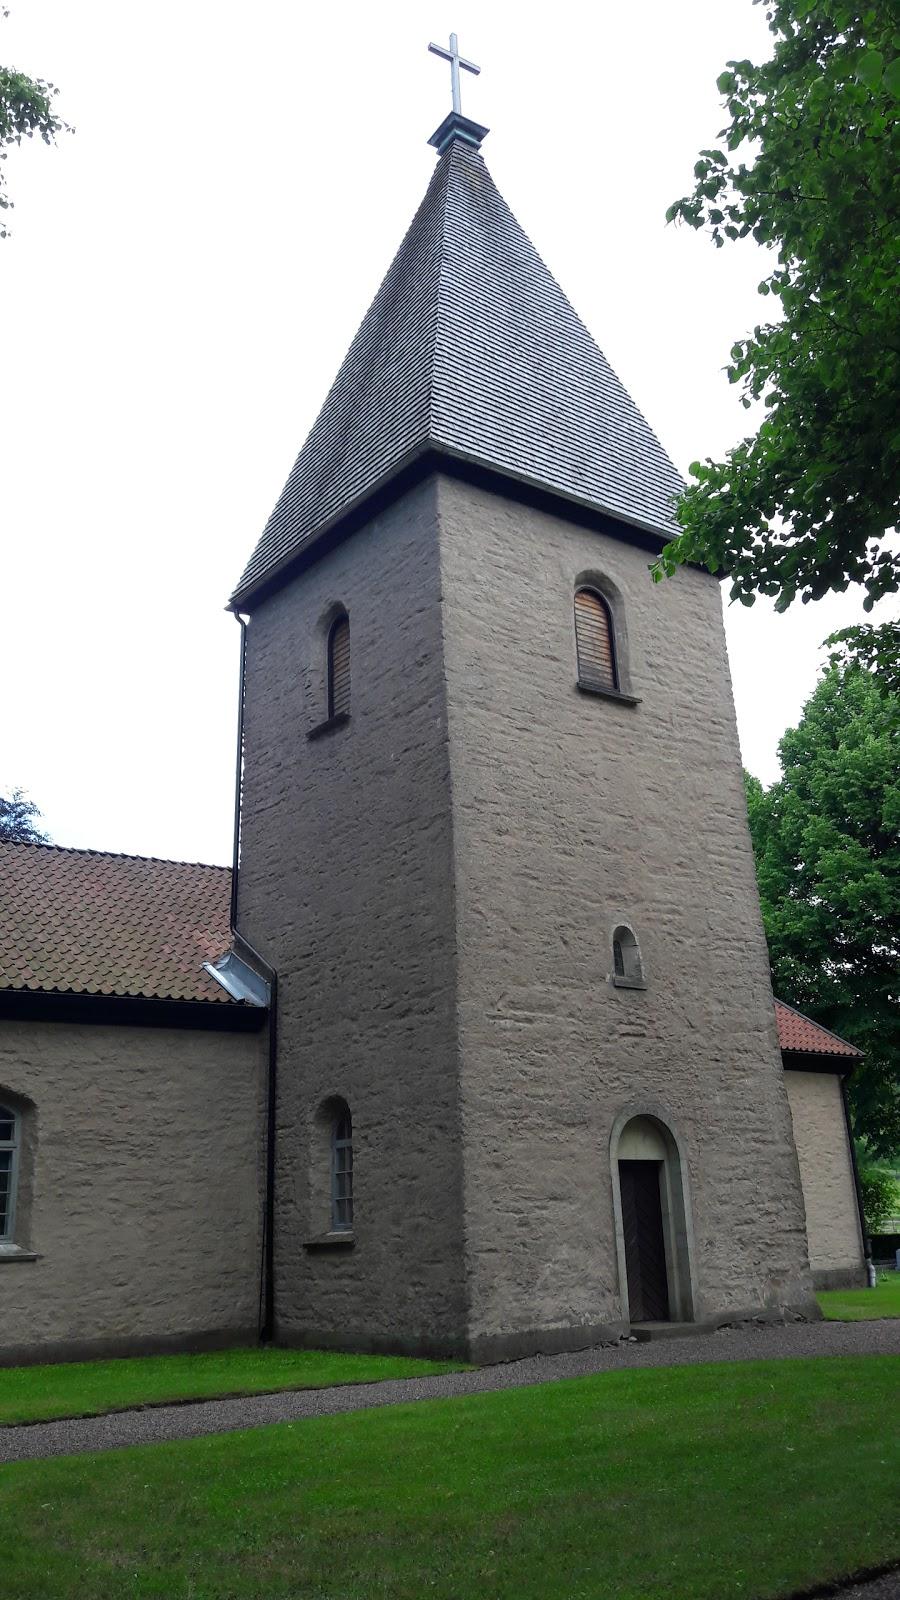 Eggby kyrkogård